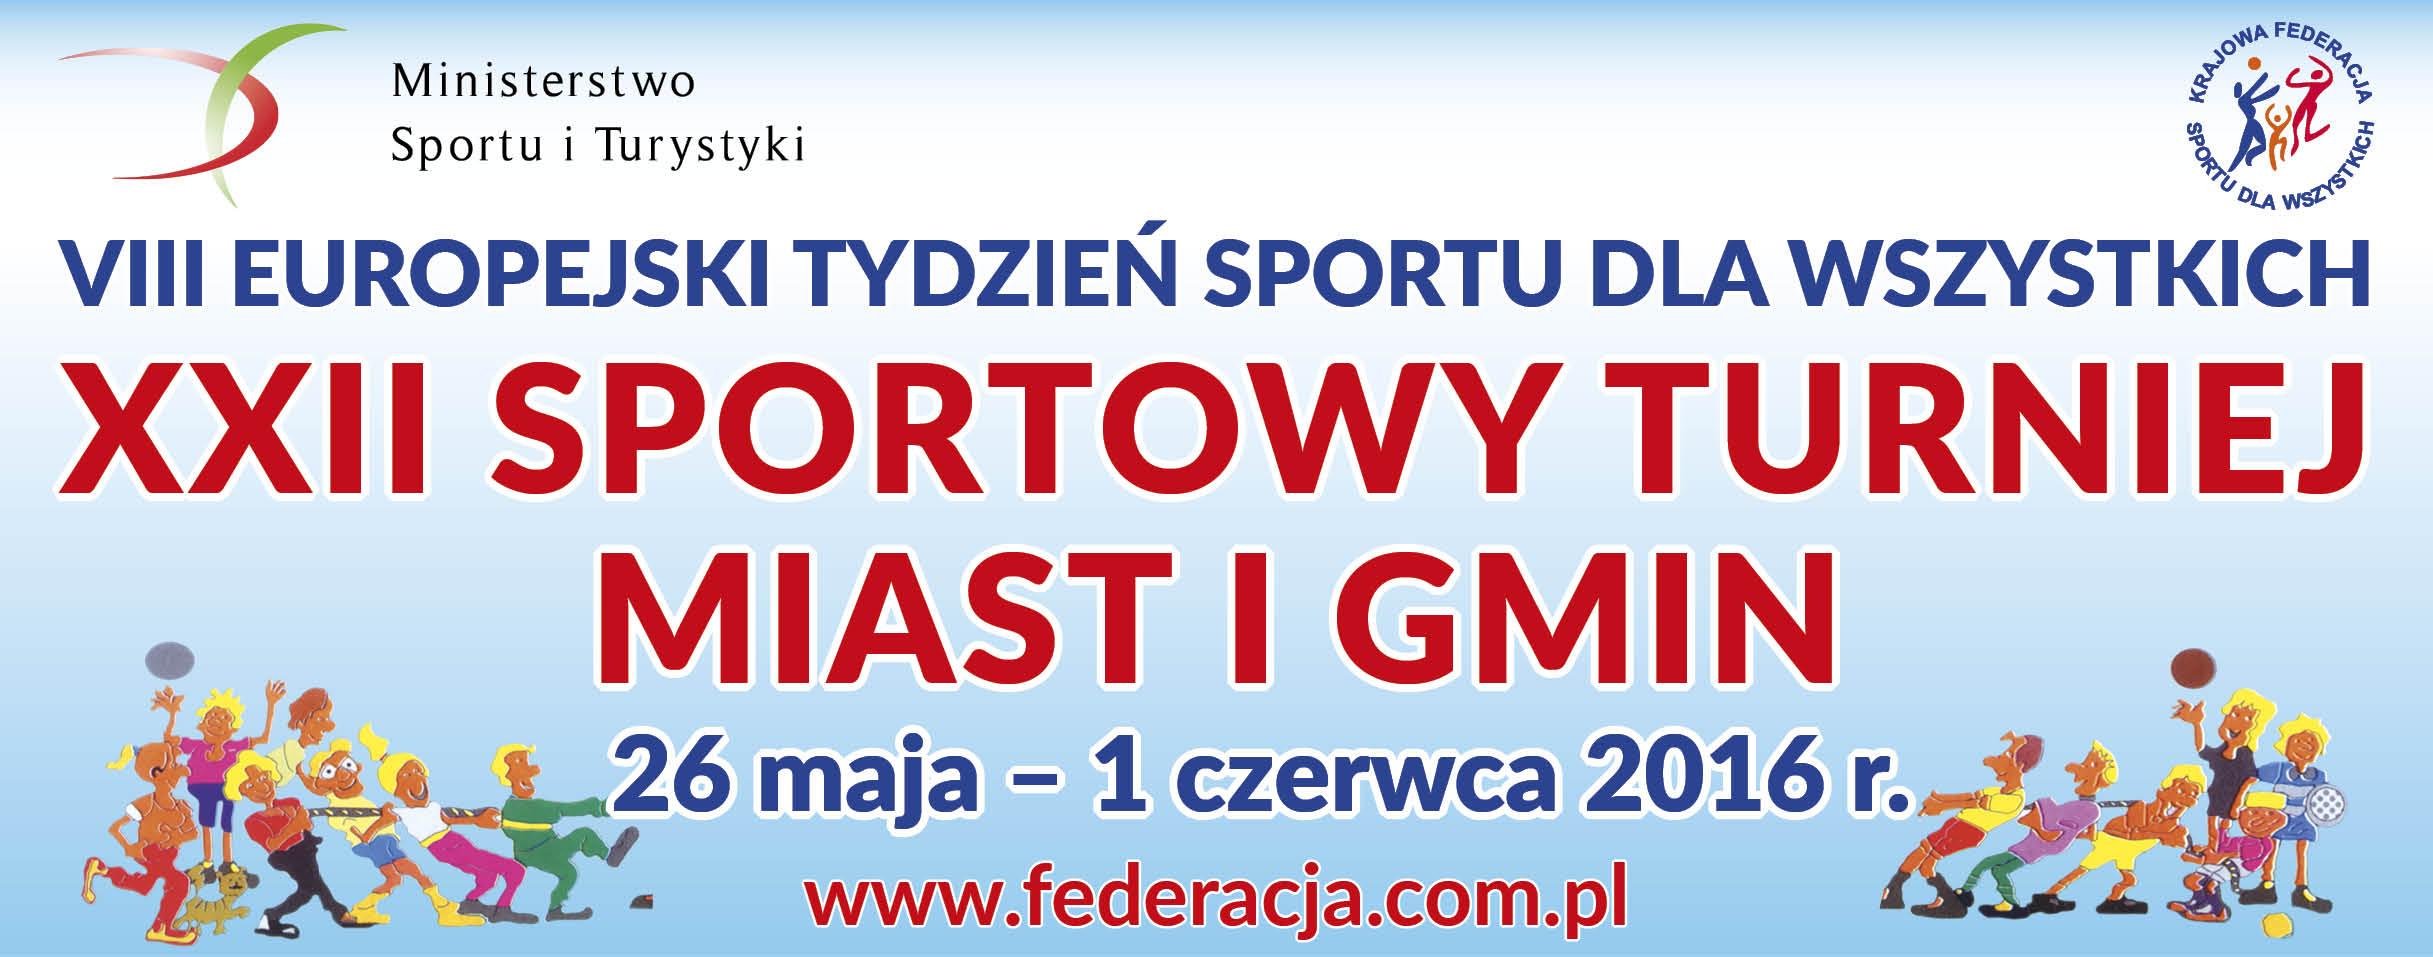 Europejski Tygodzień Sportu dla wszystkich 26 maja - 1 czerwca 2016 www.federacja.com.pl